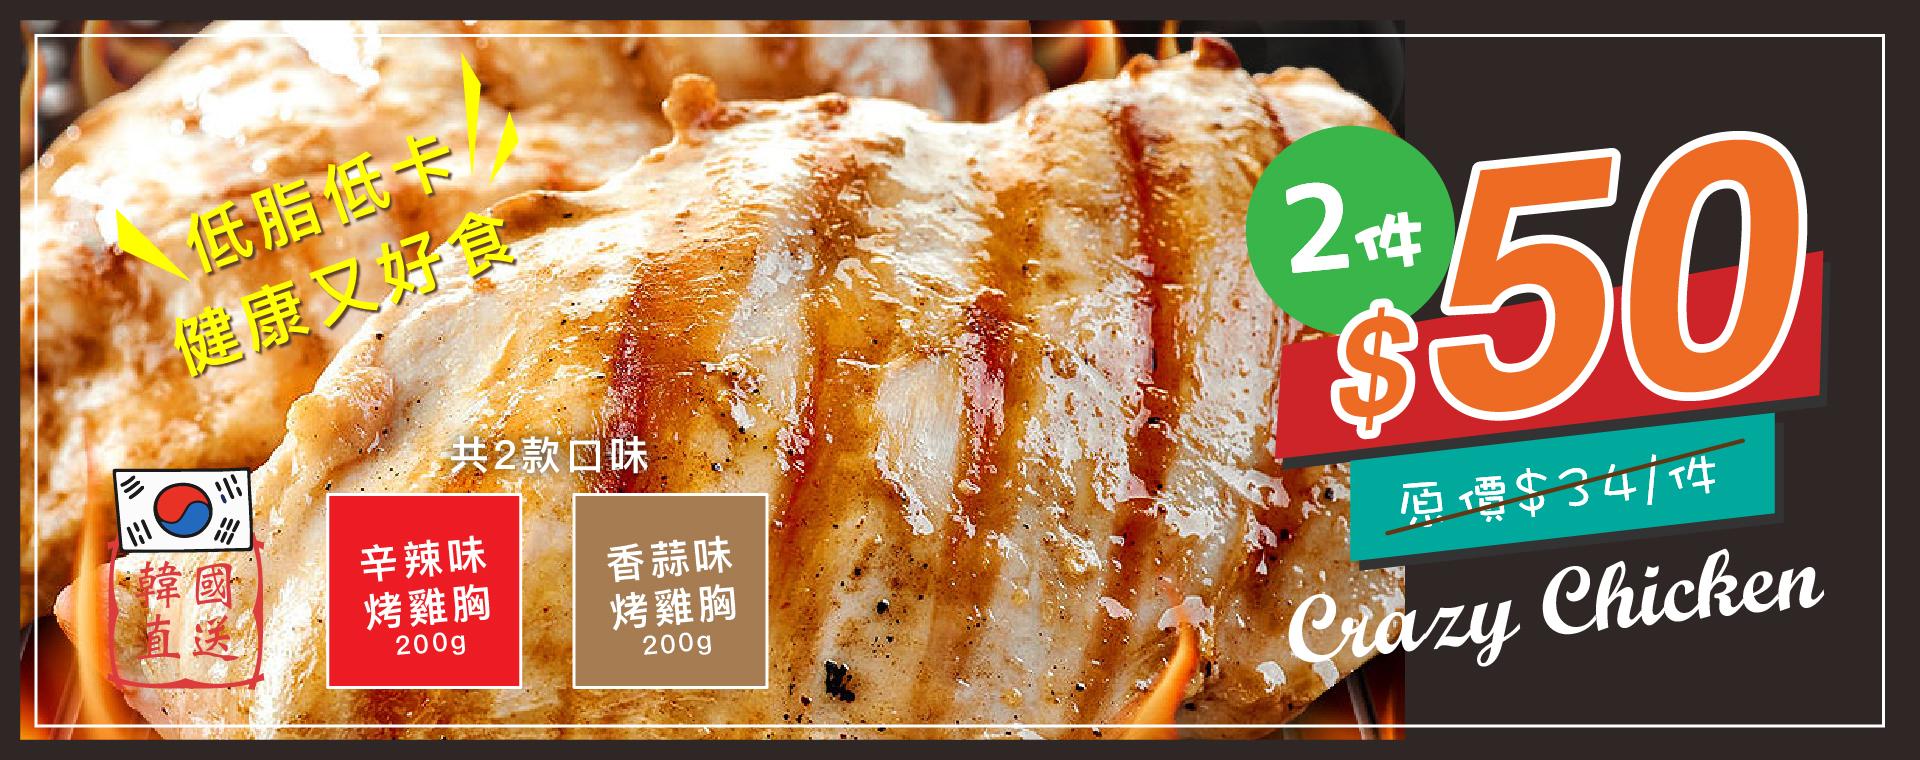 韓國烤雞胸肉 低脂低卡